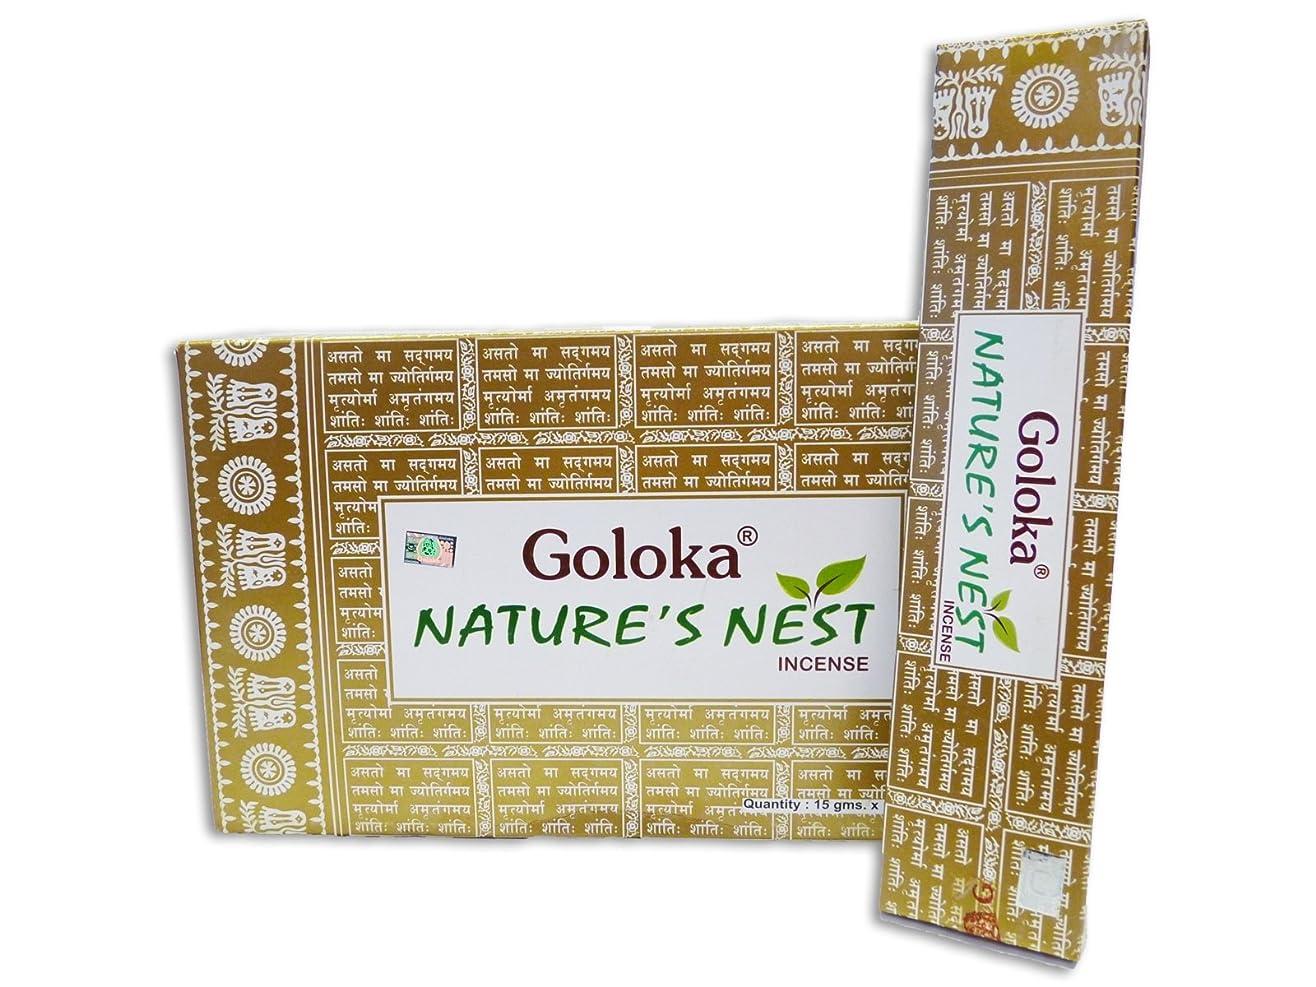 表示範囲トンネルGoloka Nature 's Nest Masala Incense Sticks 15?gms x 12パックby Goloka